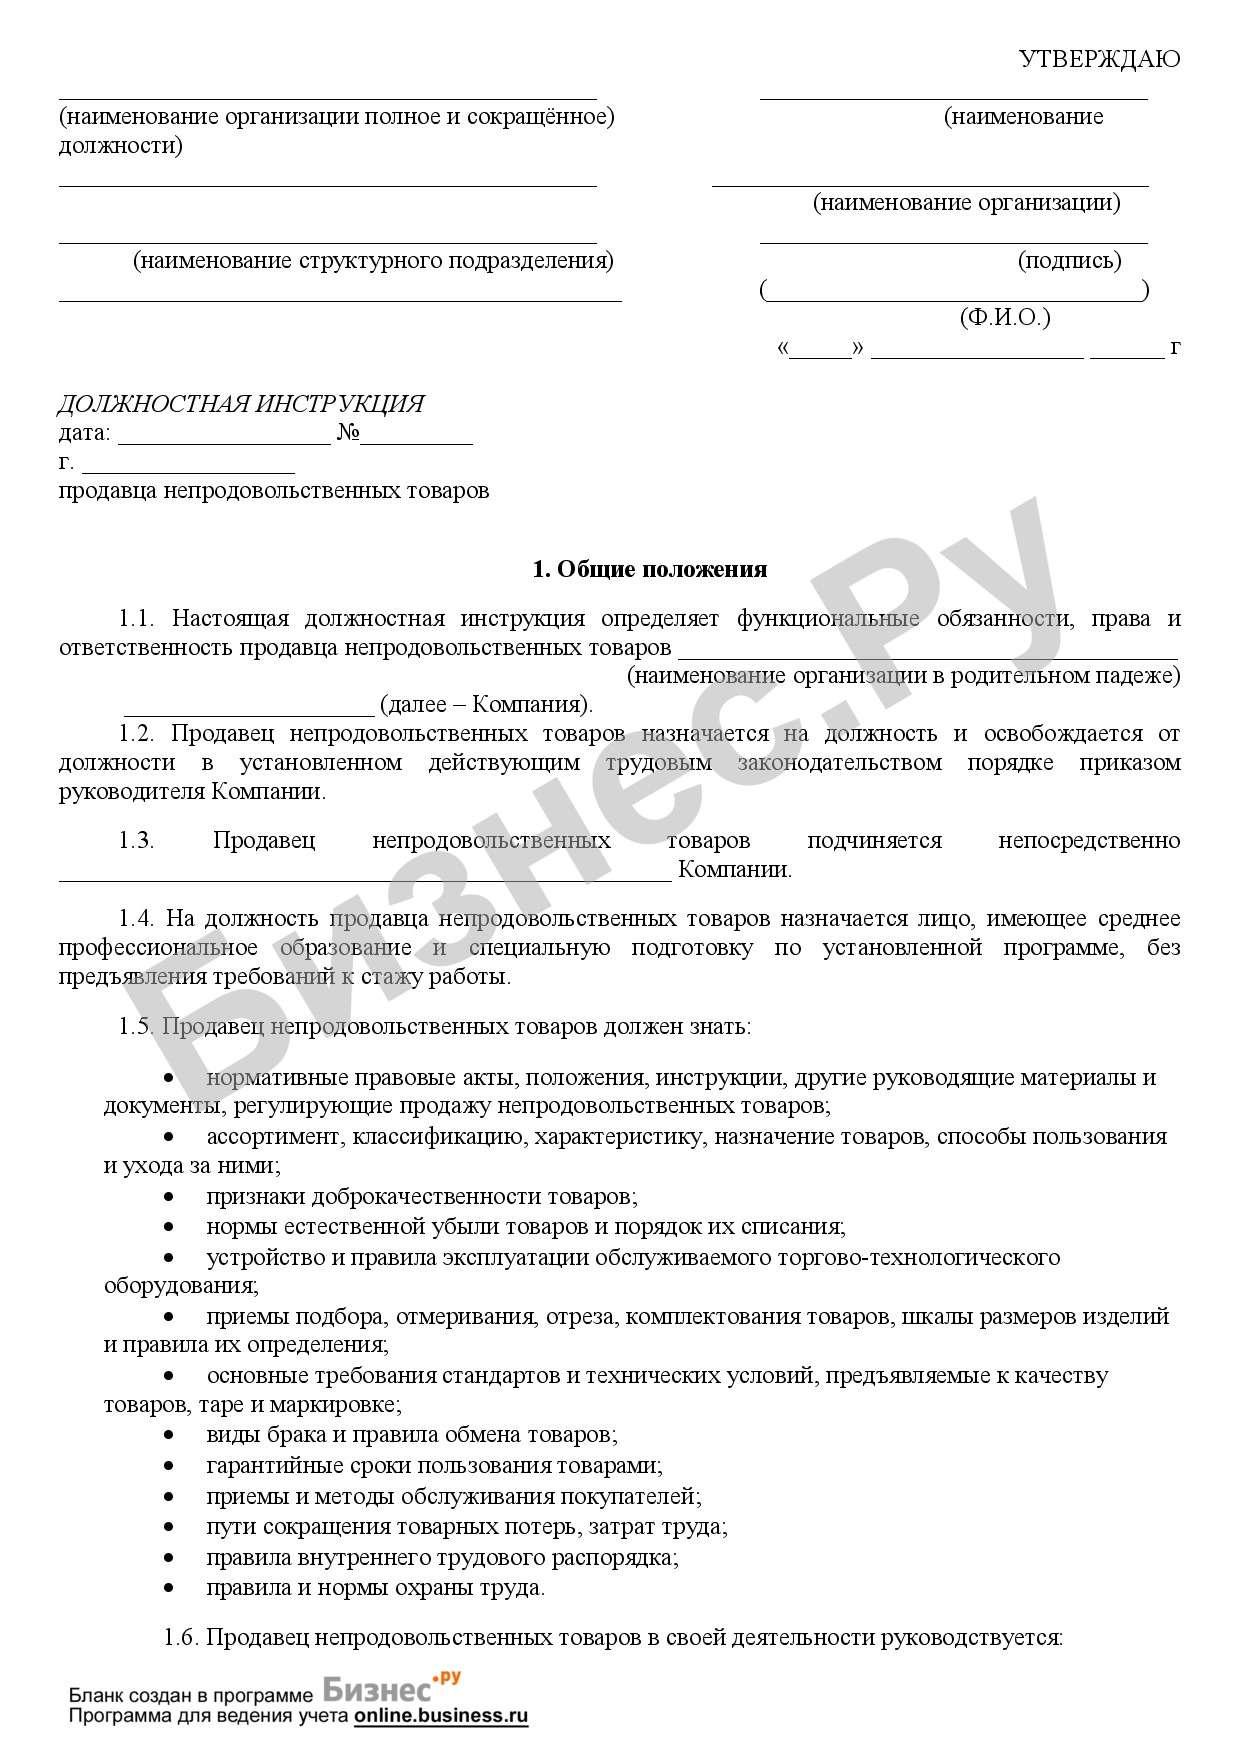 Должностная инструкция директора розничной сети